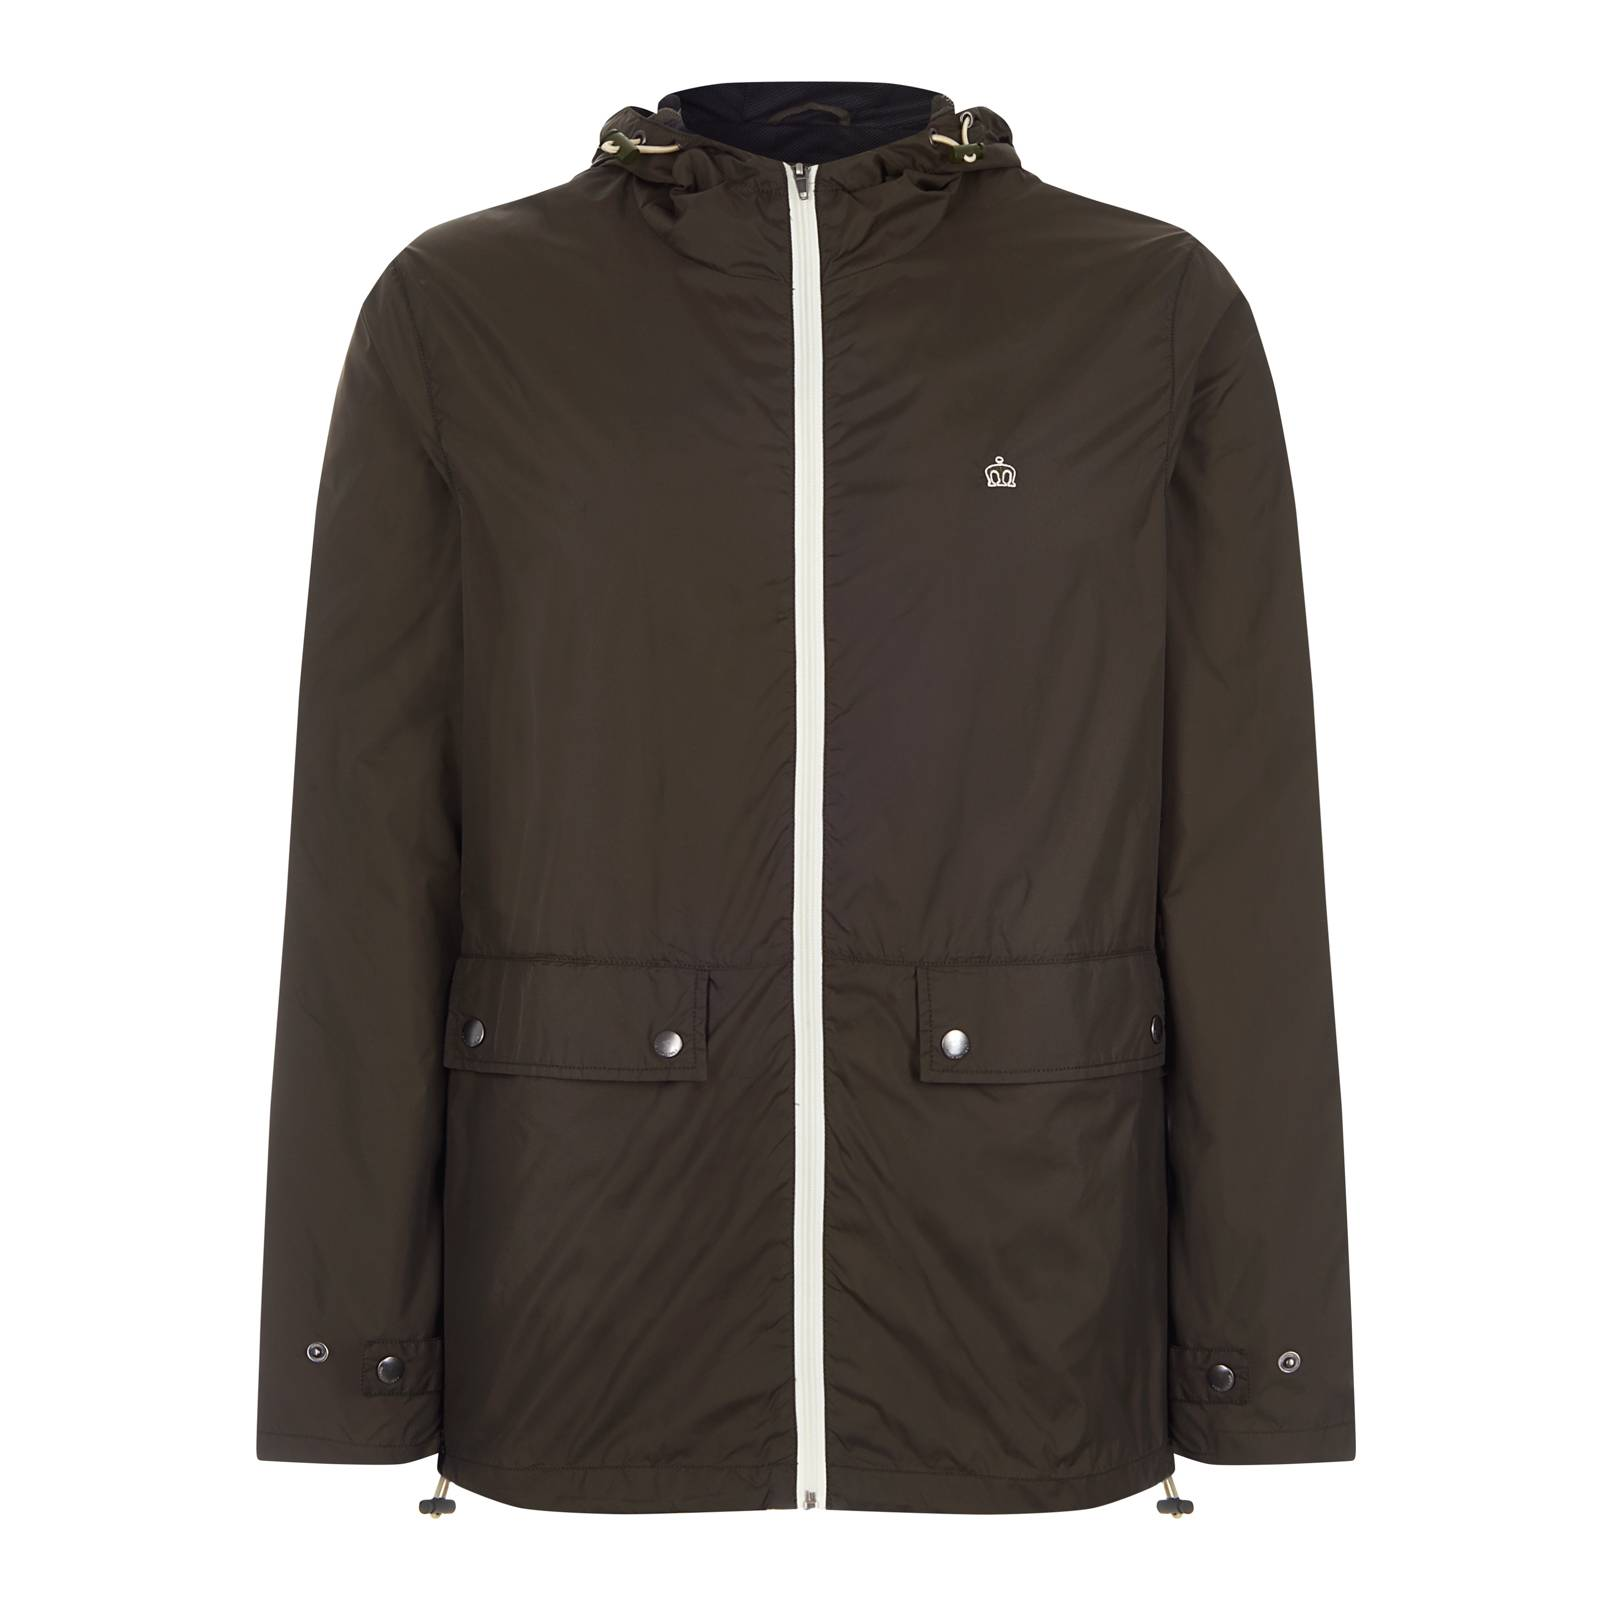 Ветровка ChesterСлайдер на главной<br>Мужская куртка-дождевик, пошитая из легкой водонепроницаемой ткани, – превосходное решение в дни весенней, летней и сентябрьской непогоды. Сочетает высокий воротник-стойку и удобный капюшон с утяжками, благодаря чему в этой куртке можно буквально спрятаться от дождя, оставив лишь небольшой просвет для глаз по типу шноркель парки. Верхняя часть воротника усилена внутренней ветрозащитной планкой, а низ ветровки, как и капюшон, оснащен утяжками, препятствуя задуванию. Имеет спереди два прорезных кармана с клапанами на кнопках, один внутренний карман, а также тонкую сетчатую подкладку, которая, с одной стороны, делает эту модель чуть более основательной, с другой, – обеспечивает проветривание в теплое время. Контрастная белая молния, красиво гармонирующая с выполненным в тон логотипом Корона на груди, является элементом дизайна этой, на первый взгляд, простой, но в то же время четкой и крайне выразительной модели. Контрастная, по внутреннему краю, отделка капюшона и подкладки образует благородную комбинацию хаки и черного цветов в духе милитари стиля. Эта универсальная куртка легко встраивается практически в любое окружением от кроссовок с футболкой и джинсами до лоферов с поло, чиносами или шортами.<br><br>Артикул: 1117102<br>Материал: 100% нейлон (Вн)<br>Цвет: темный хаки<br>Пол: Мужской